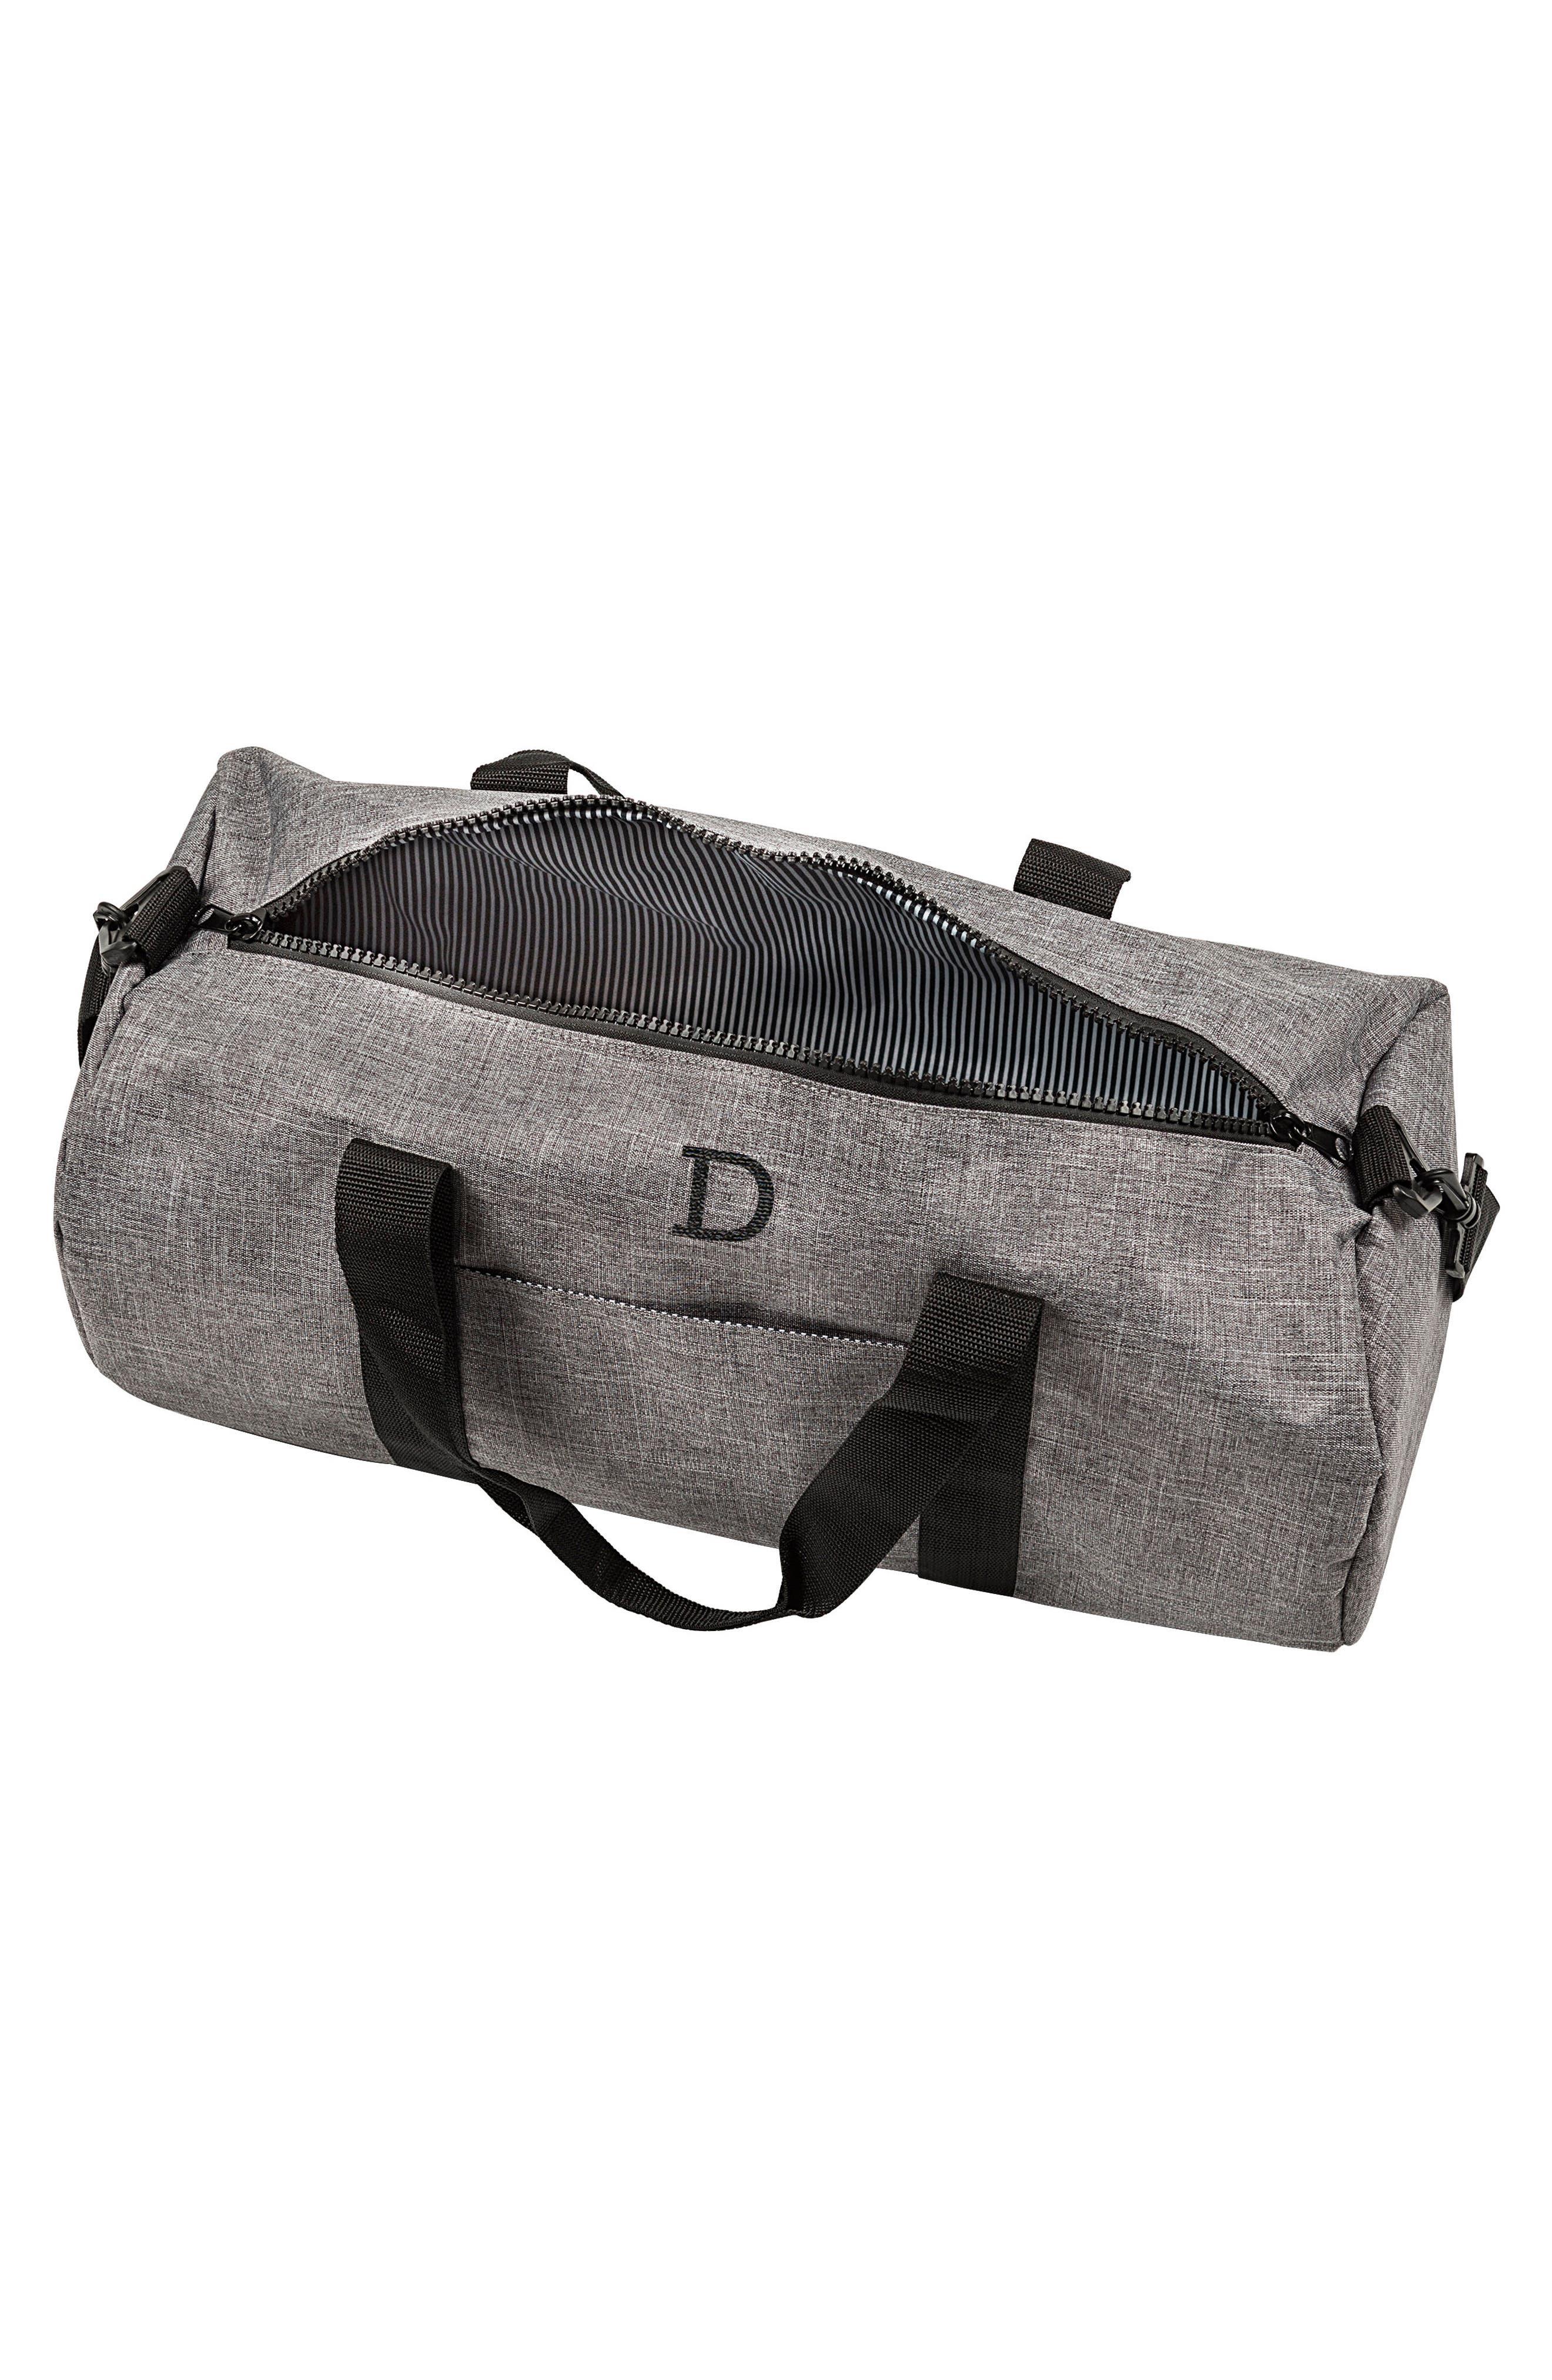 Monogram Duffel Bag,                             Alternate thumbnail 2, color,